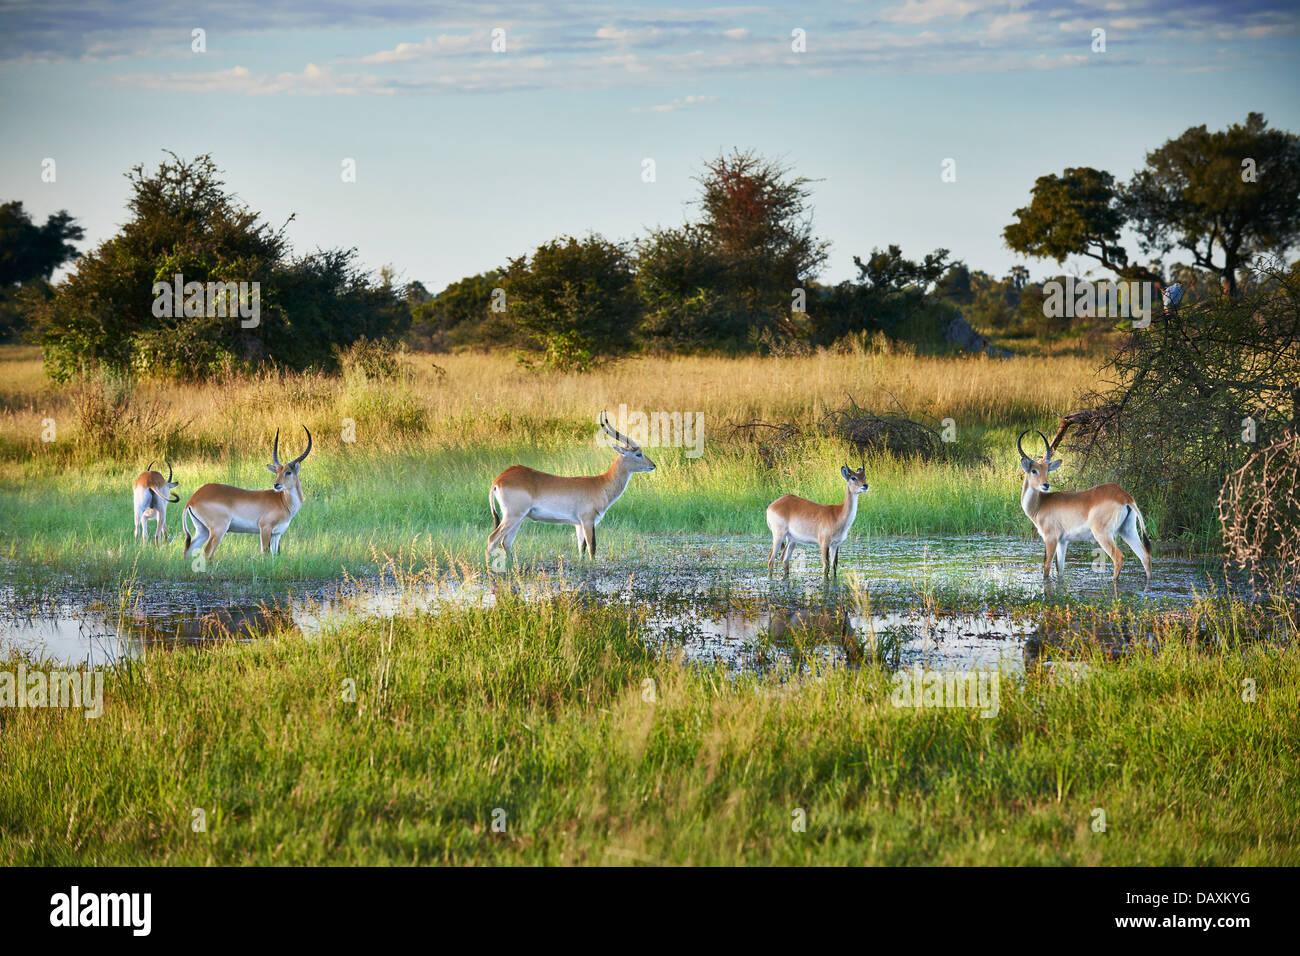 Red lechwe Antelope, Kobus leche, Chitabe, Okavango Delta, Botswana, Africa - Stock Image